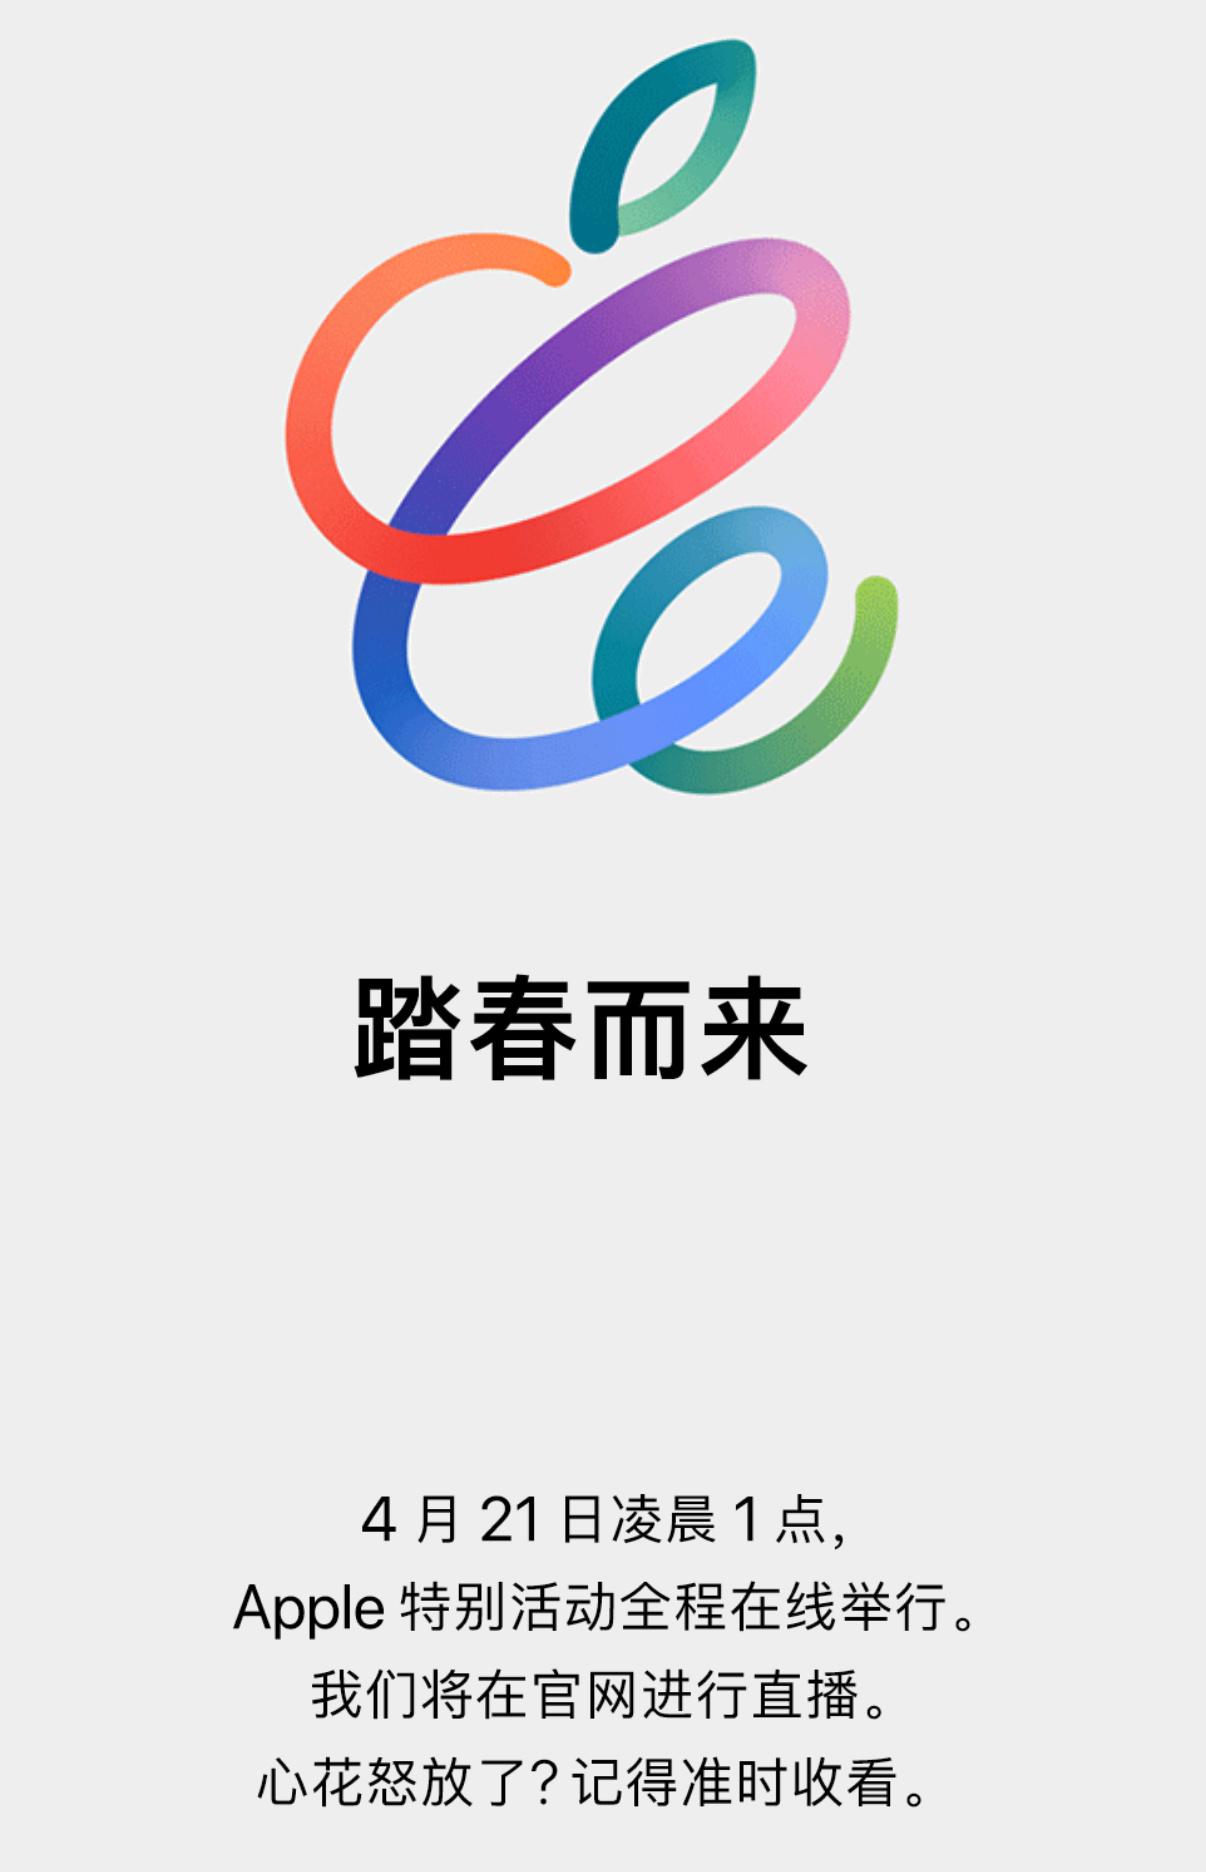 「踏春而来」:苹果官宣 4 月 21 日召开特别活动